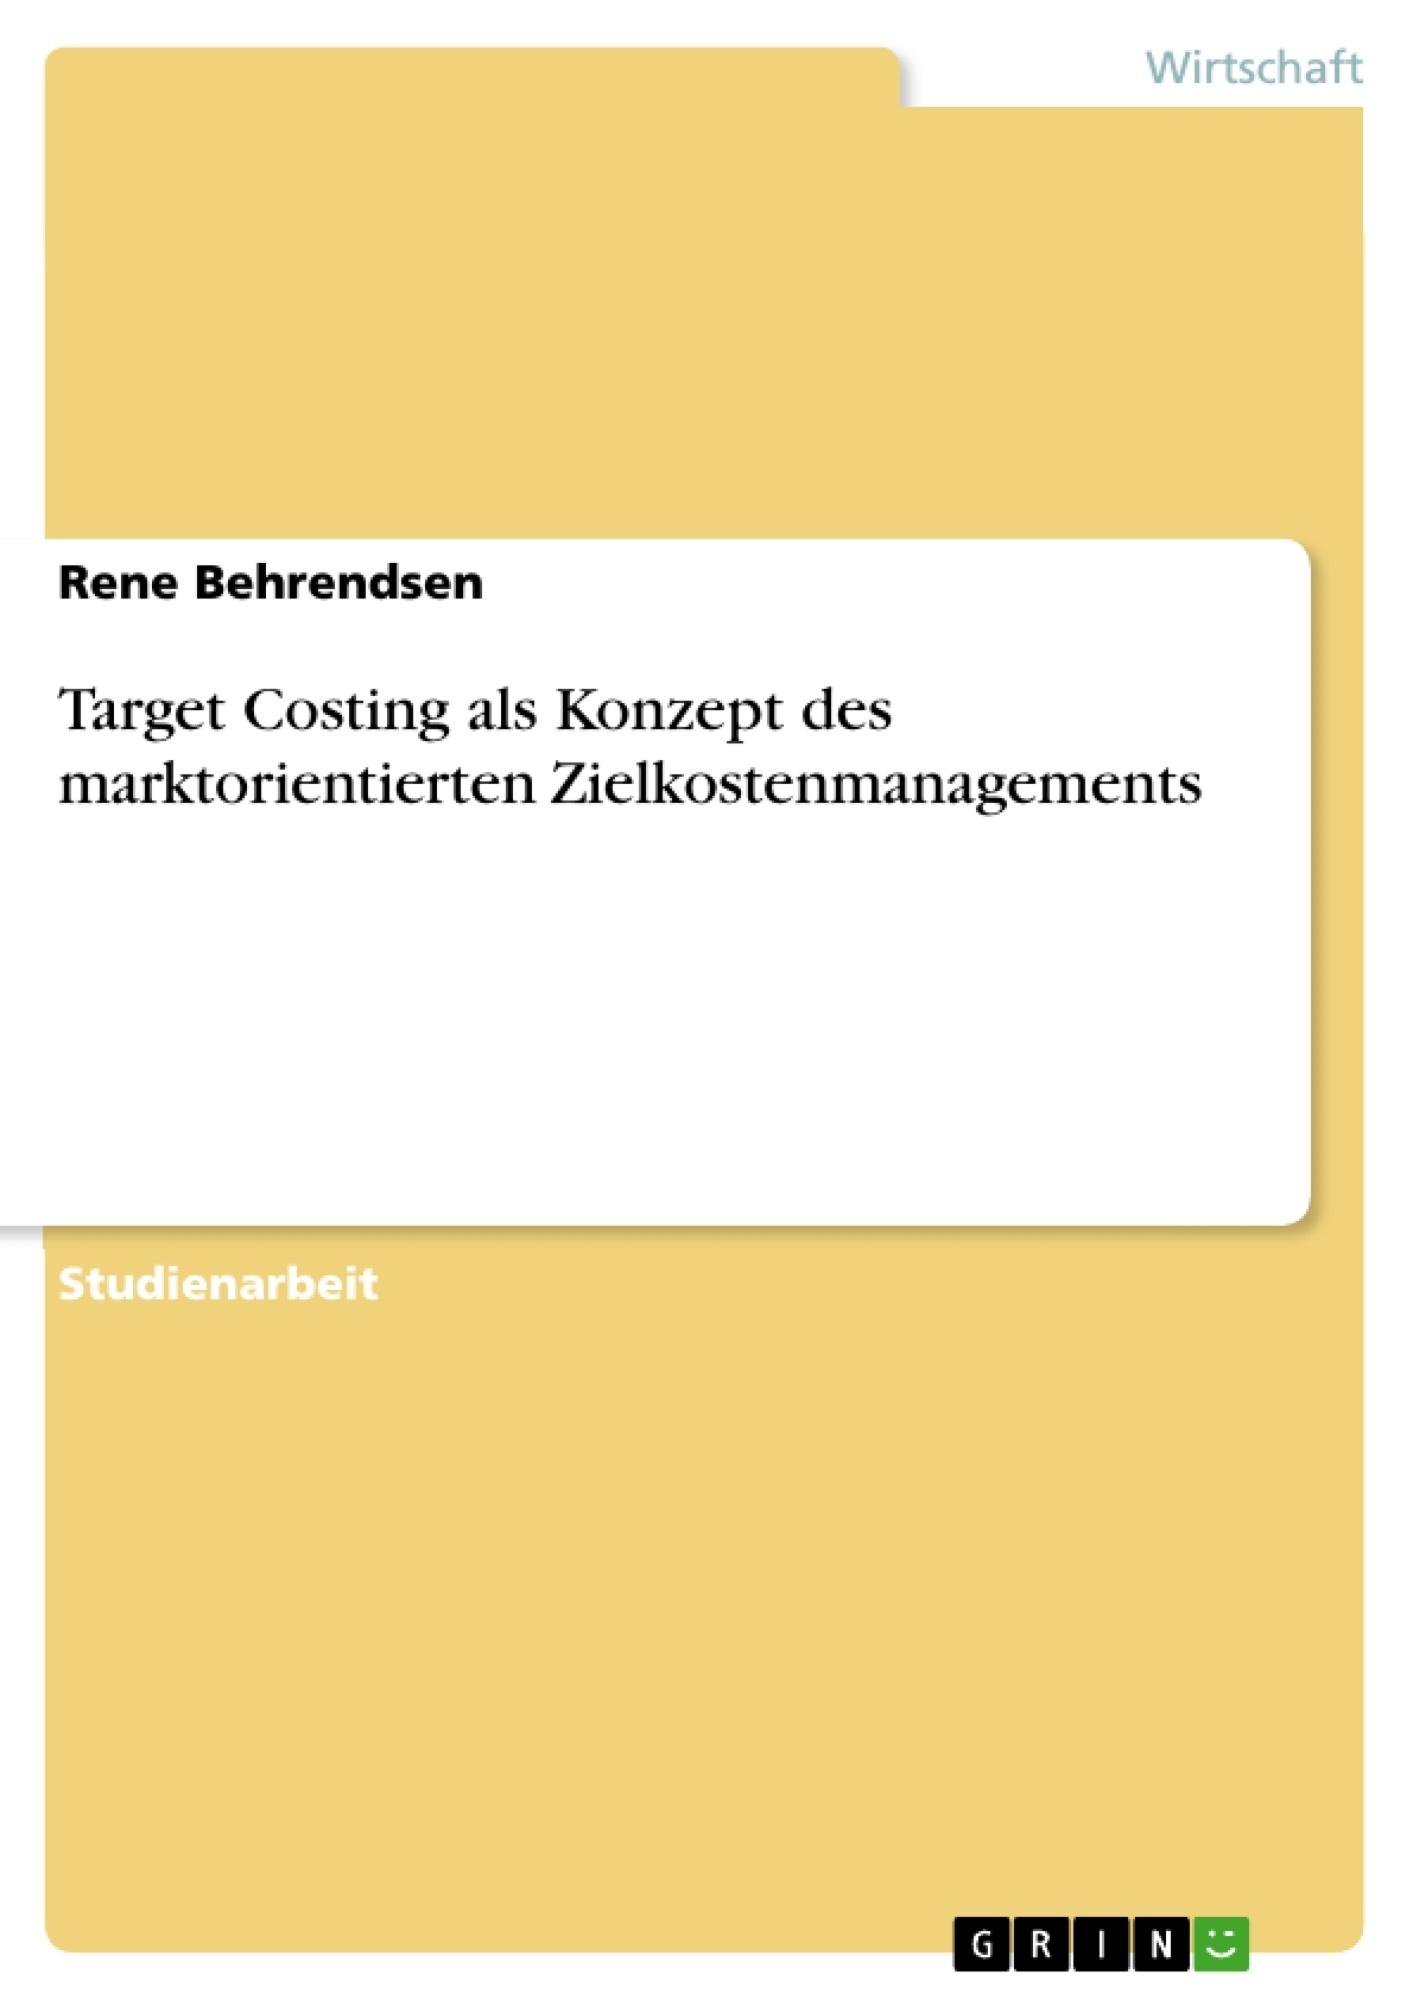 Titel: Target Costing als Konzept des marktorientierten Zielkostenmanagements